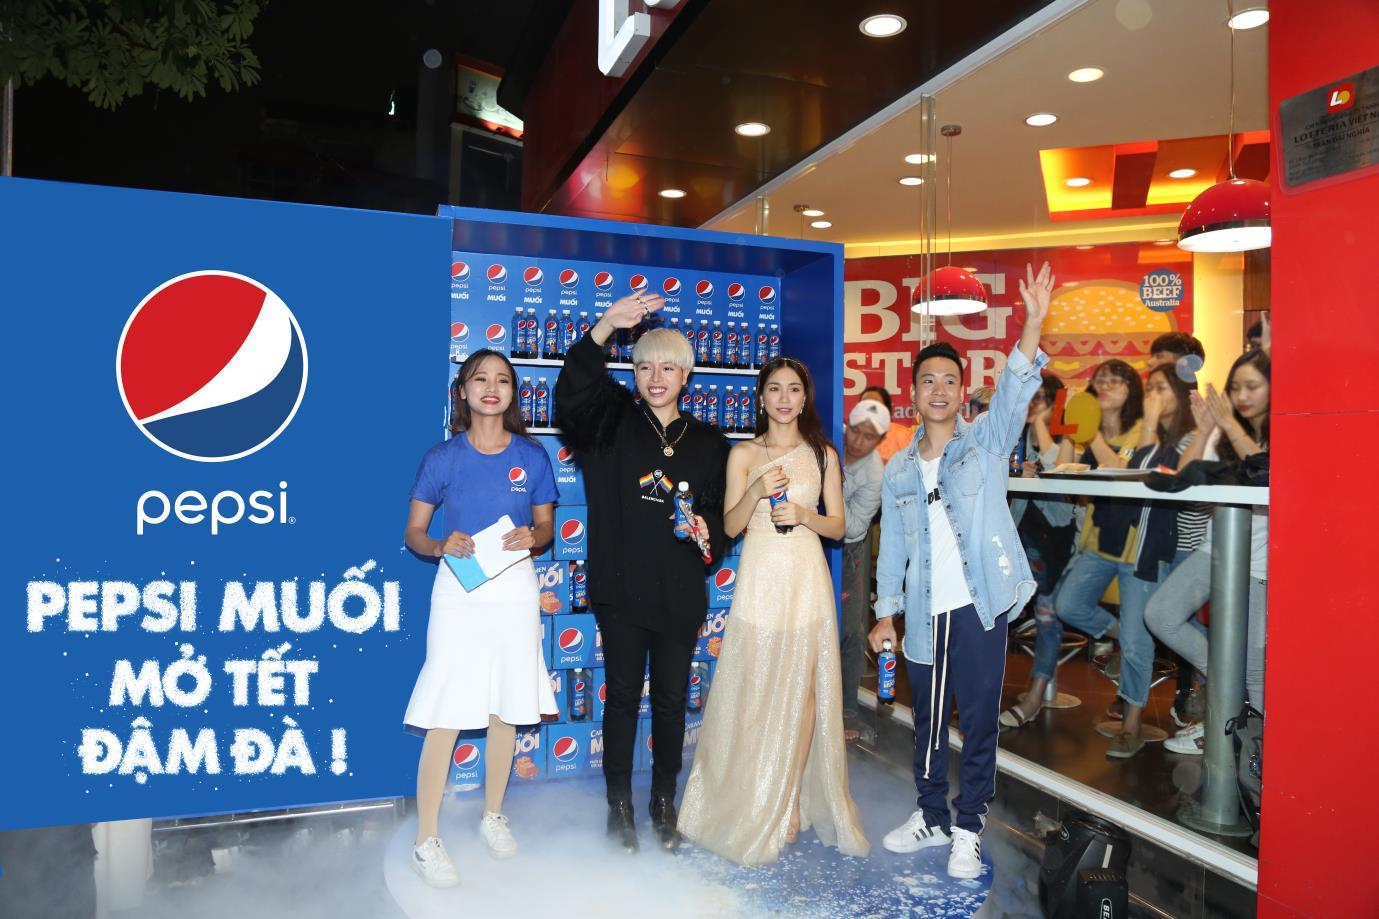 """Pepsi Muối truyền cảm hứng """" Mở Tết Đậm Đà"""" : Giới trẻ Việt không còn lo Tết nhạt"""